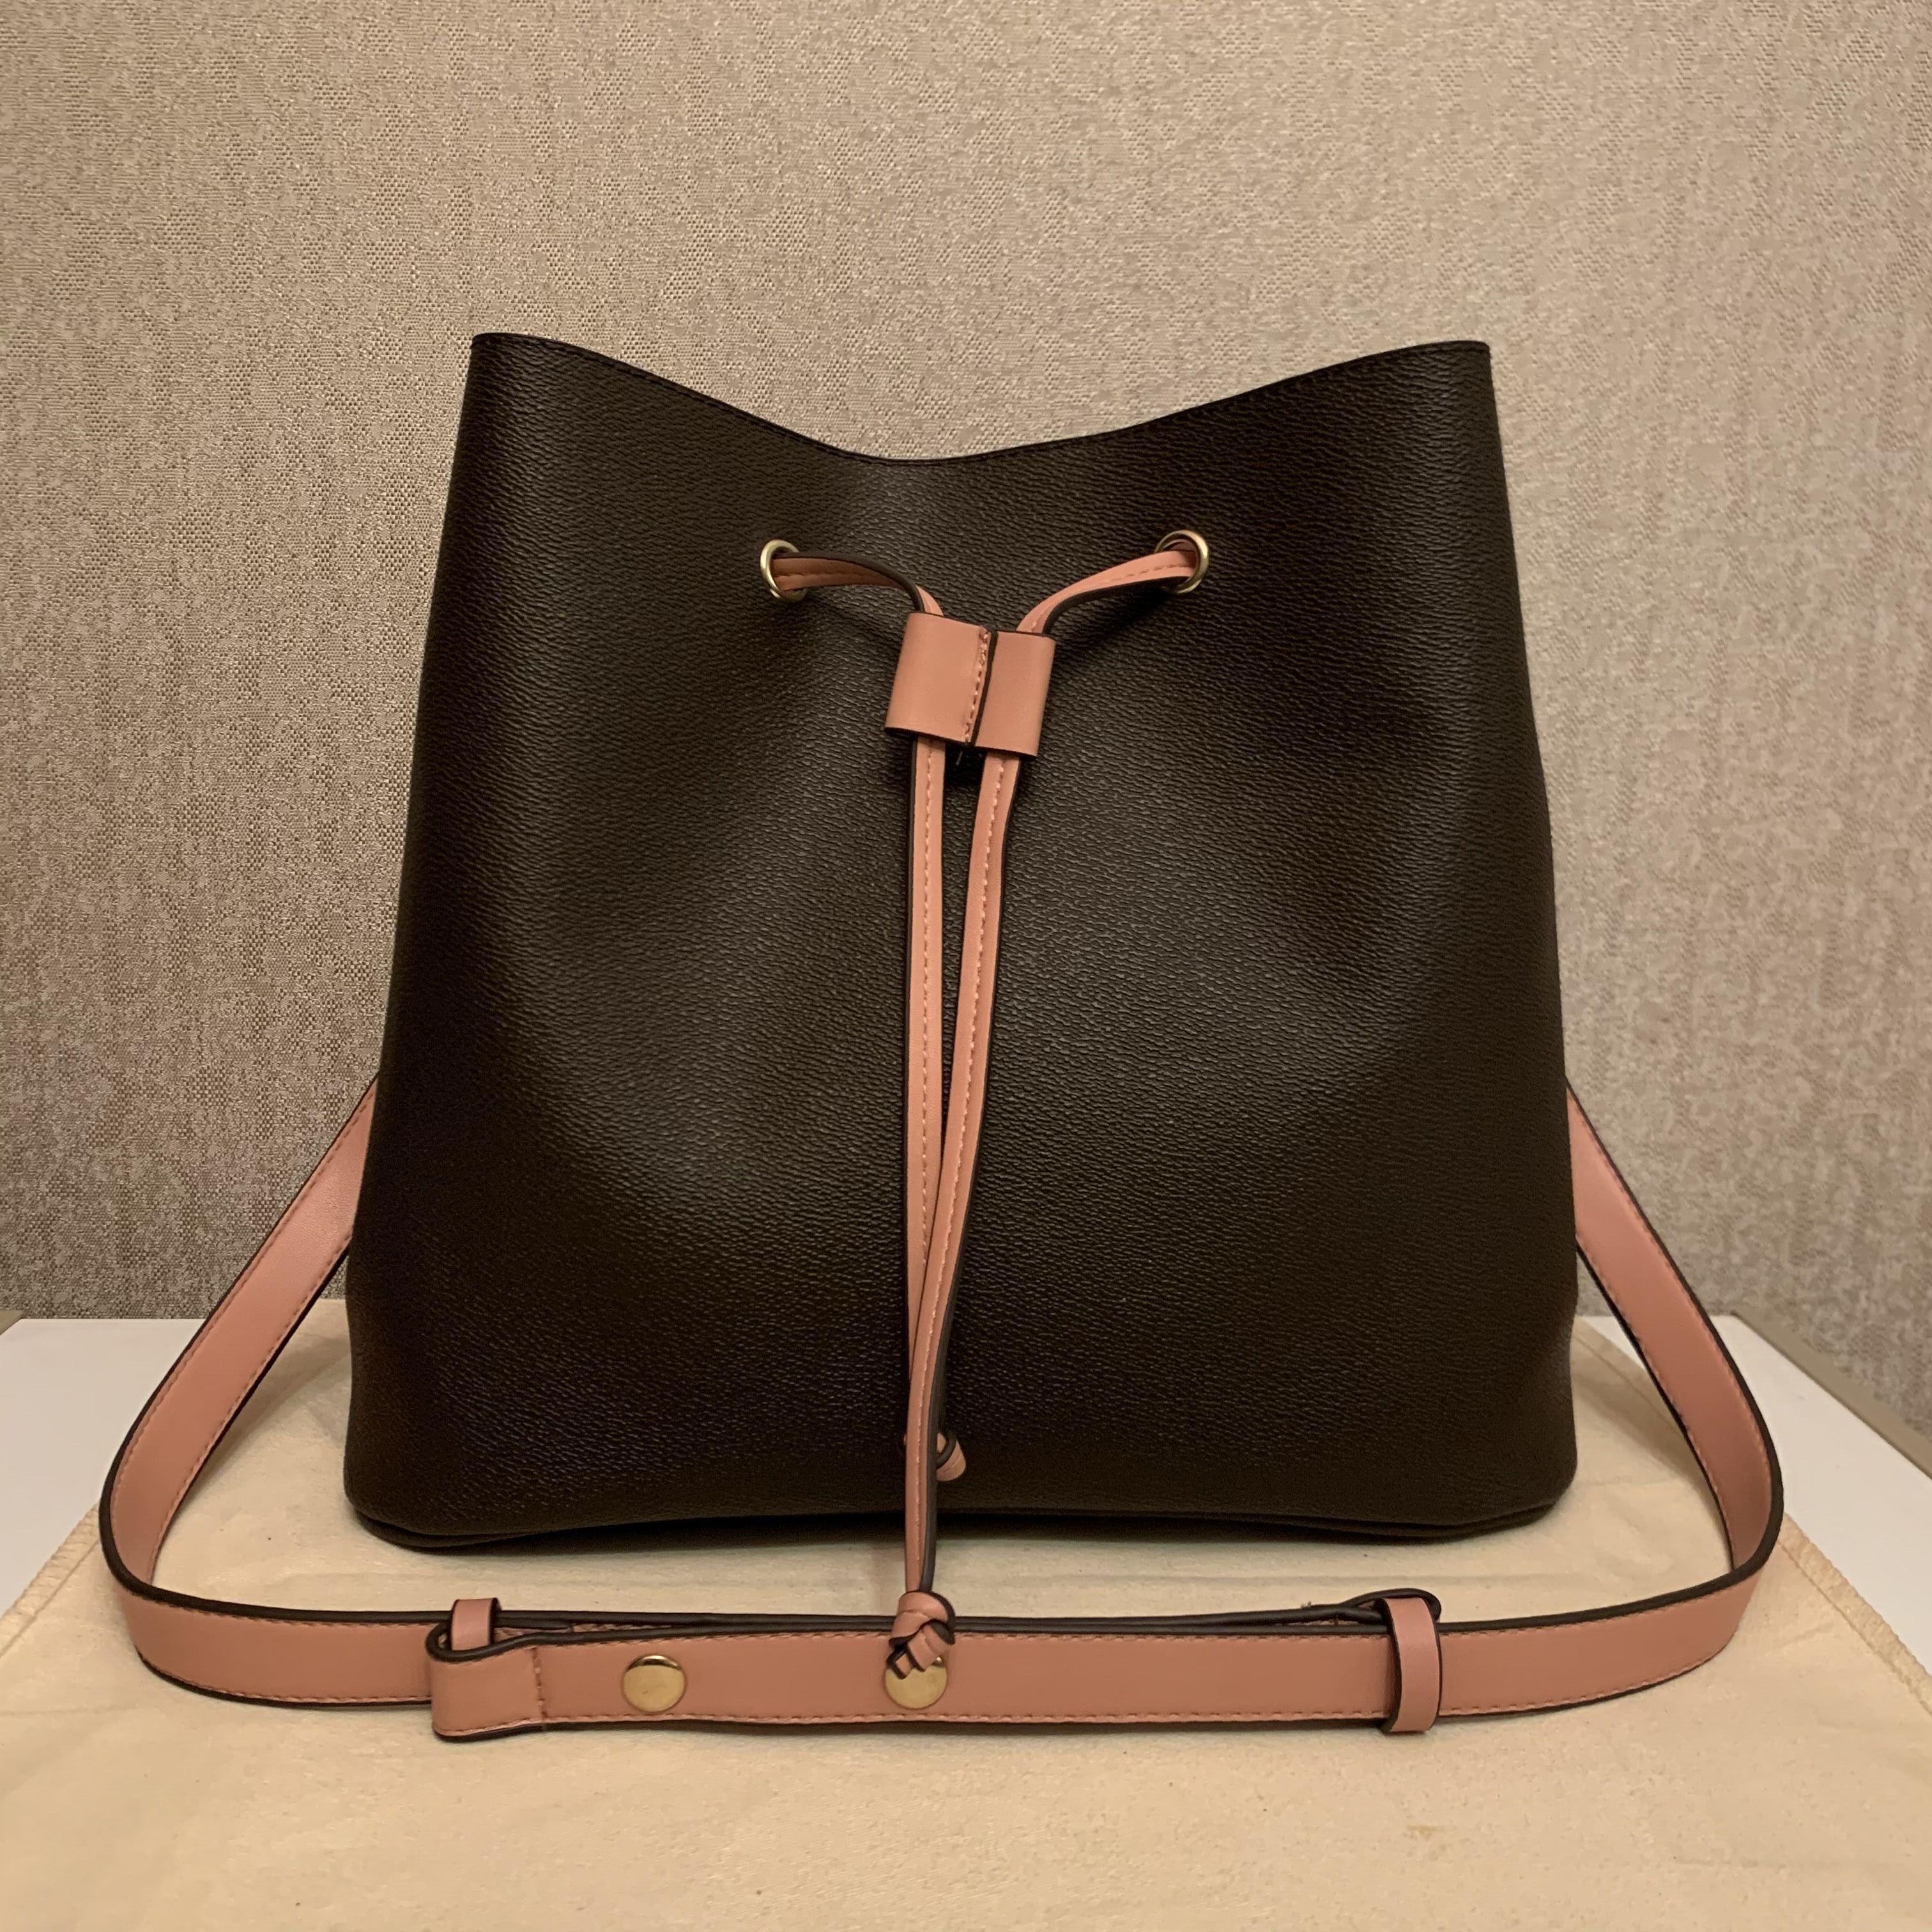 Wholesale orignal реальная кожа мода знаменитое сумка для плеч сумки дизайнерские сумки пресбиопические сумки для покупок сумка роскошный мессенджер мешок неоноe